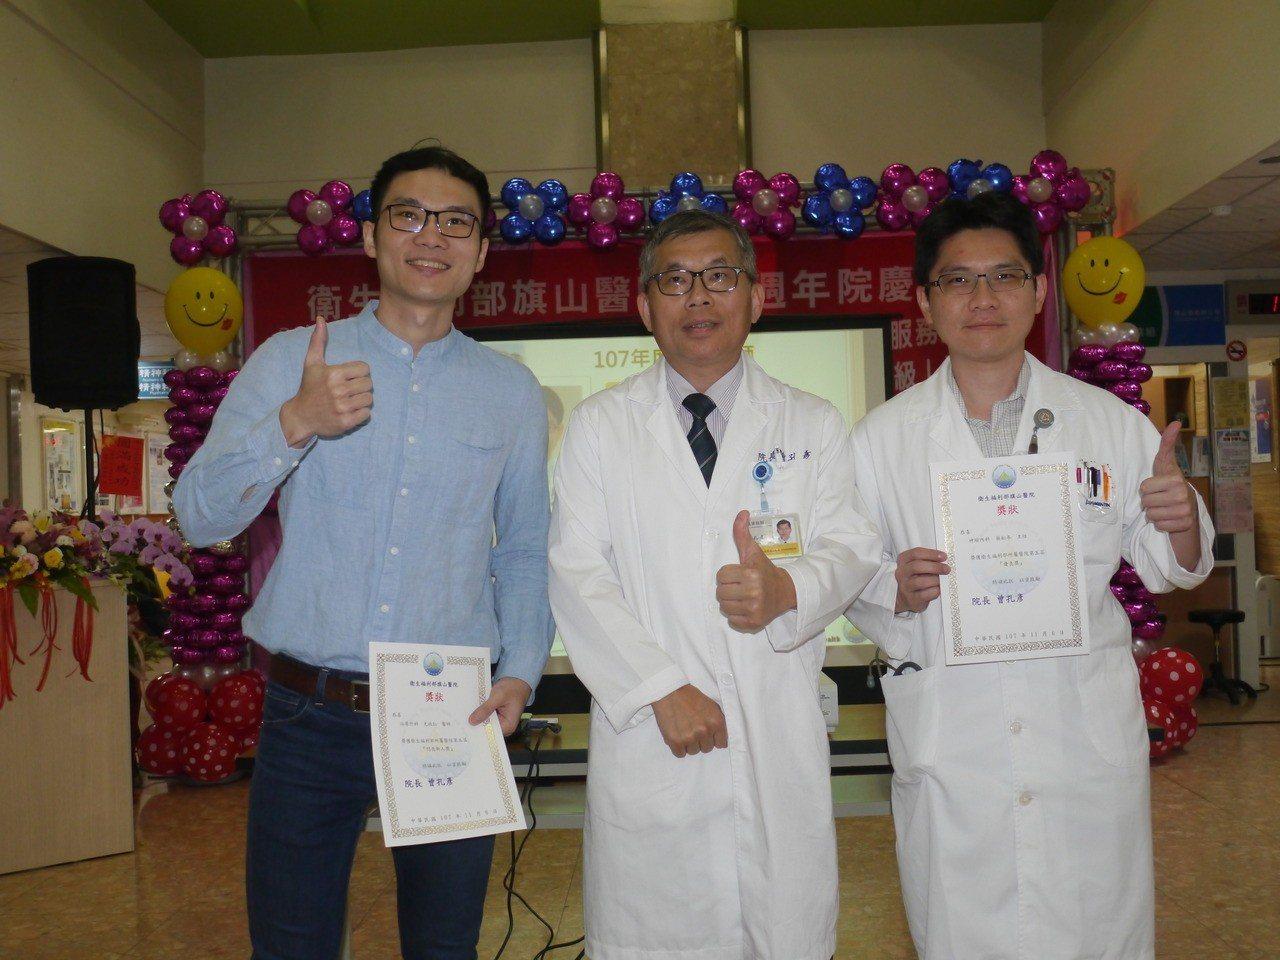 院方表揚107年度優良醫師,分別為神經內科主任蔡松年(右)、泌尿外科醫師尤政仁(...